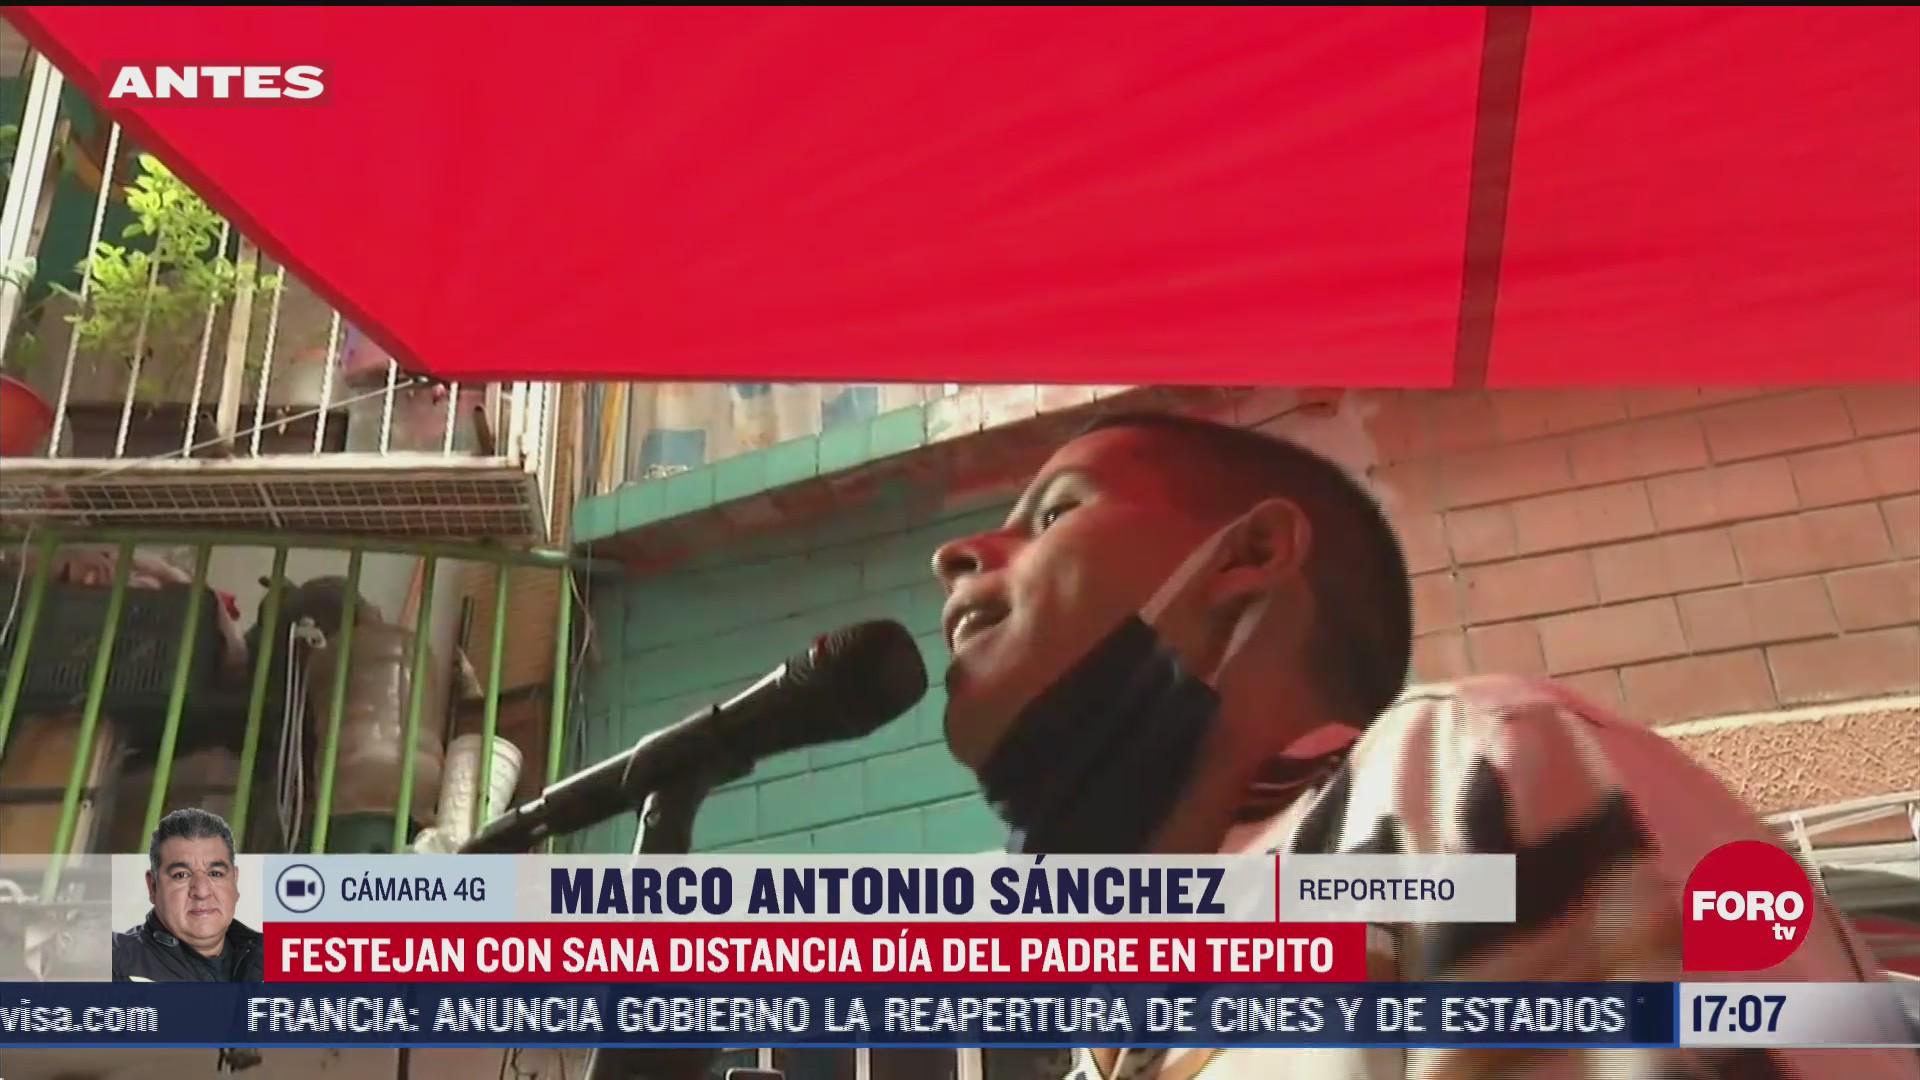 FOTO: 21 de junio 2020, habitantes de tepito celebran el dia del padre con sana distancia